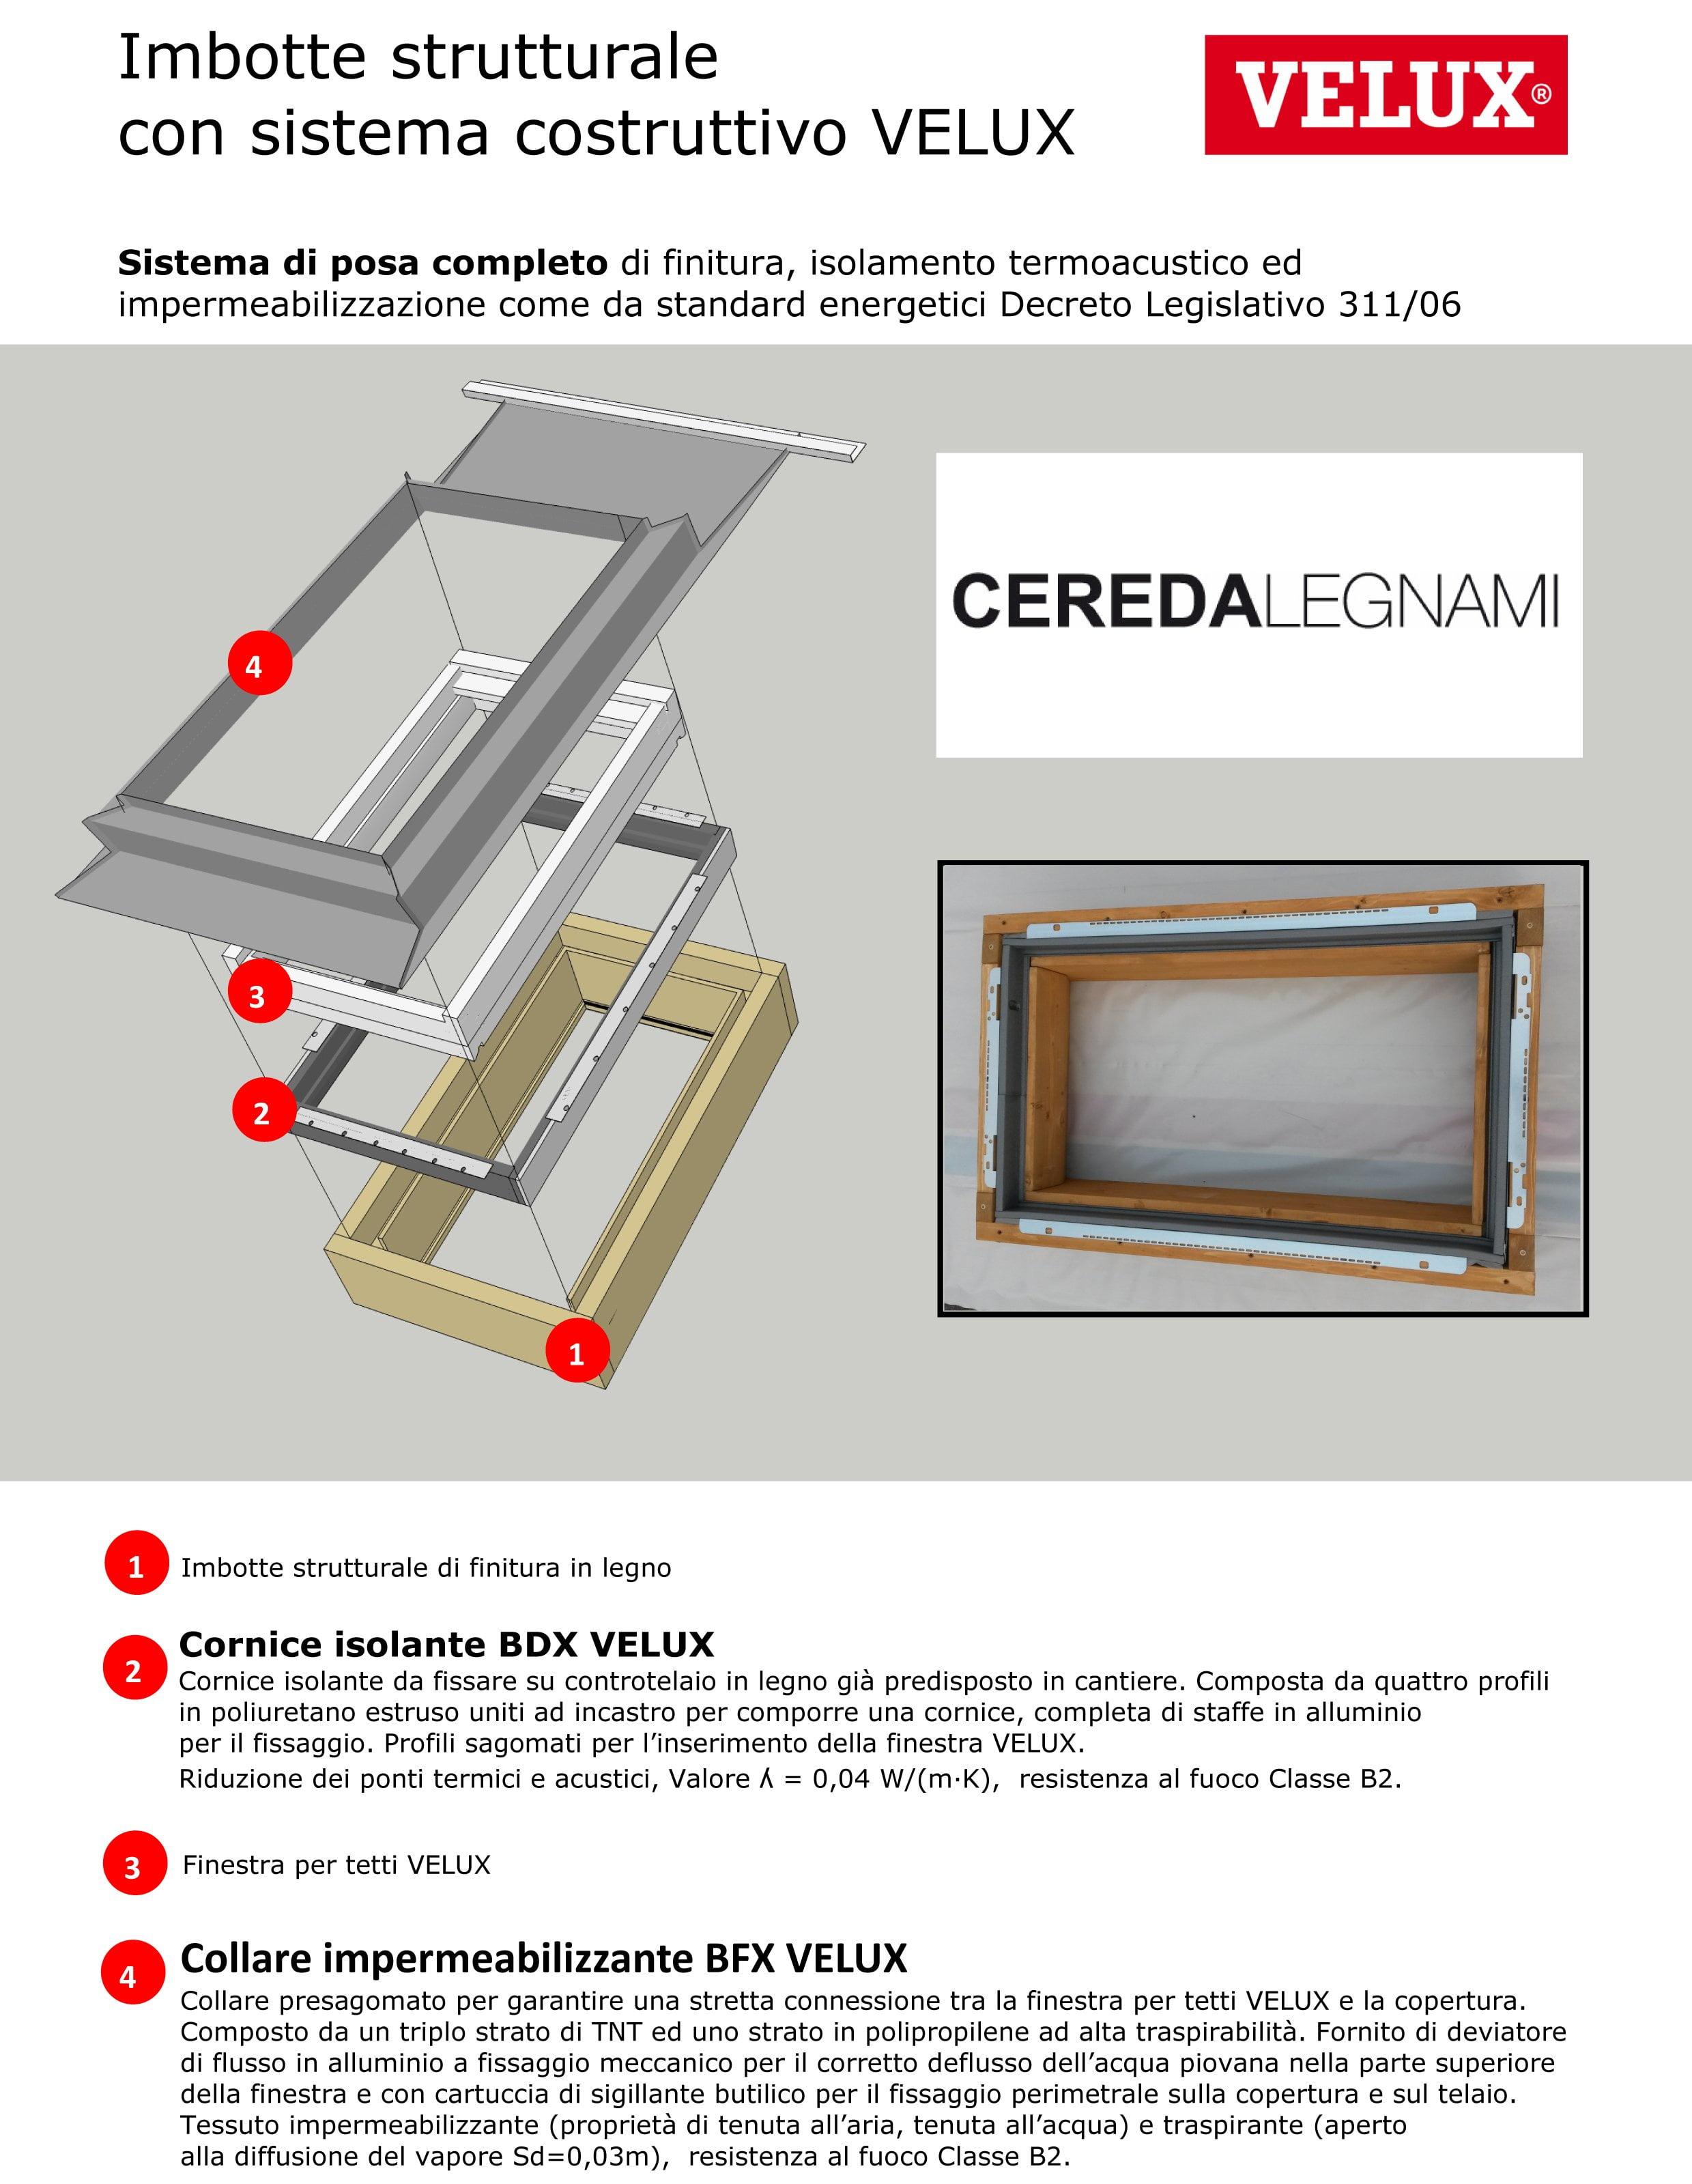 Rivendita di finestre velux cereda legnami agrate brianza for Velux tetto in legno